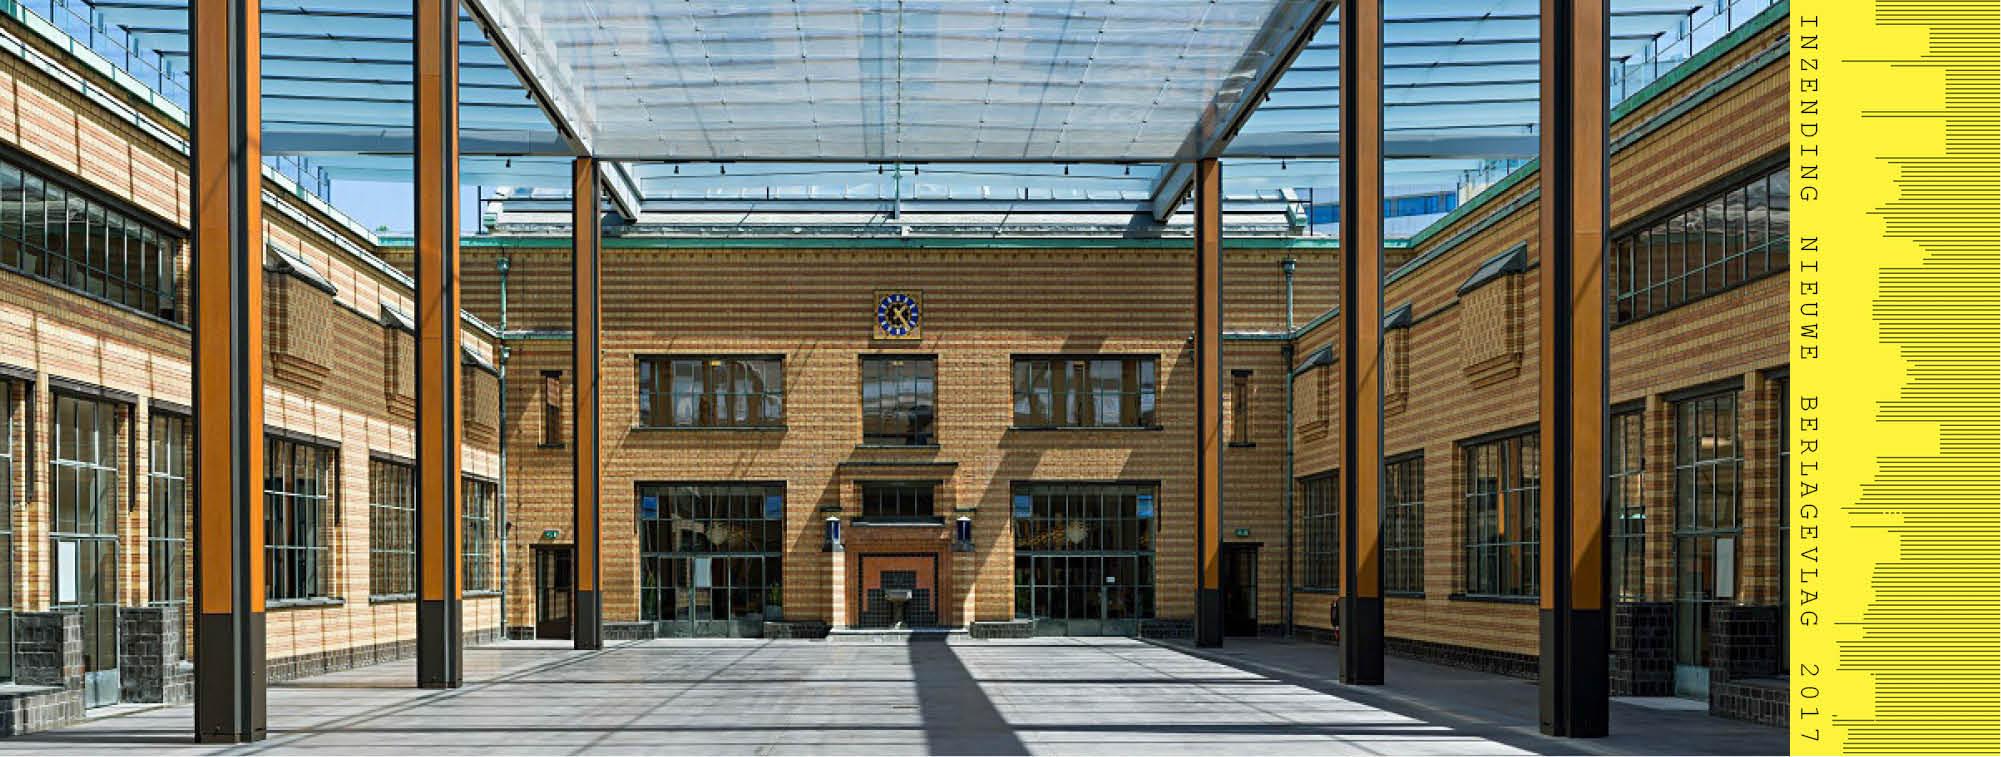 Tuinzaal Gemeentemuseum ontwerp Braaksma en Roos architectenbureau